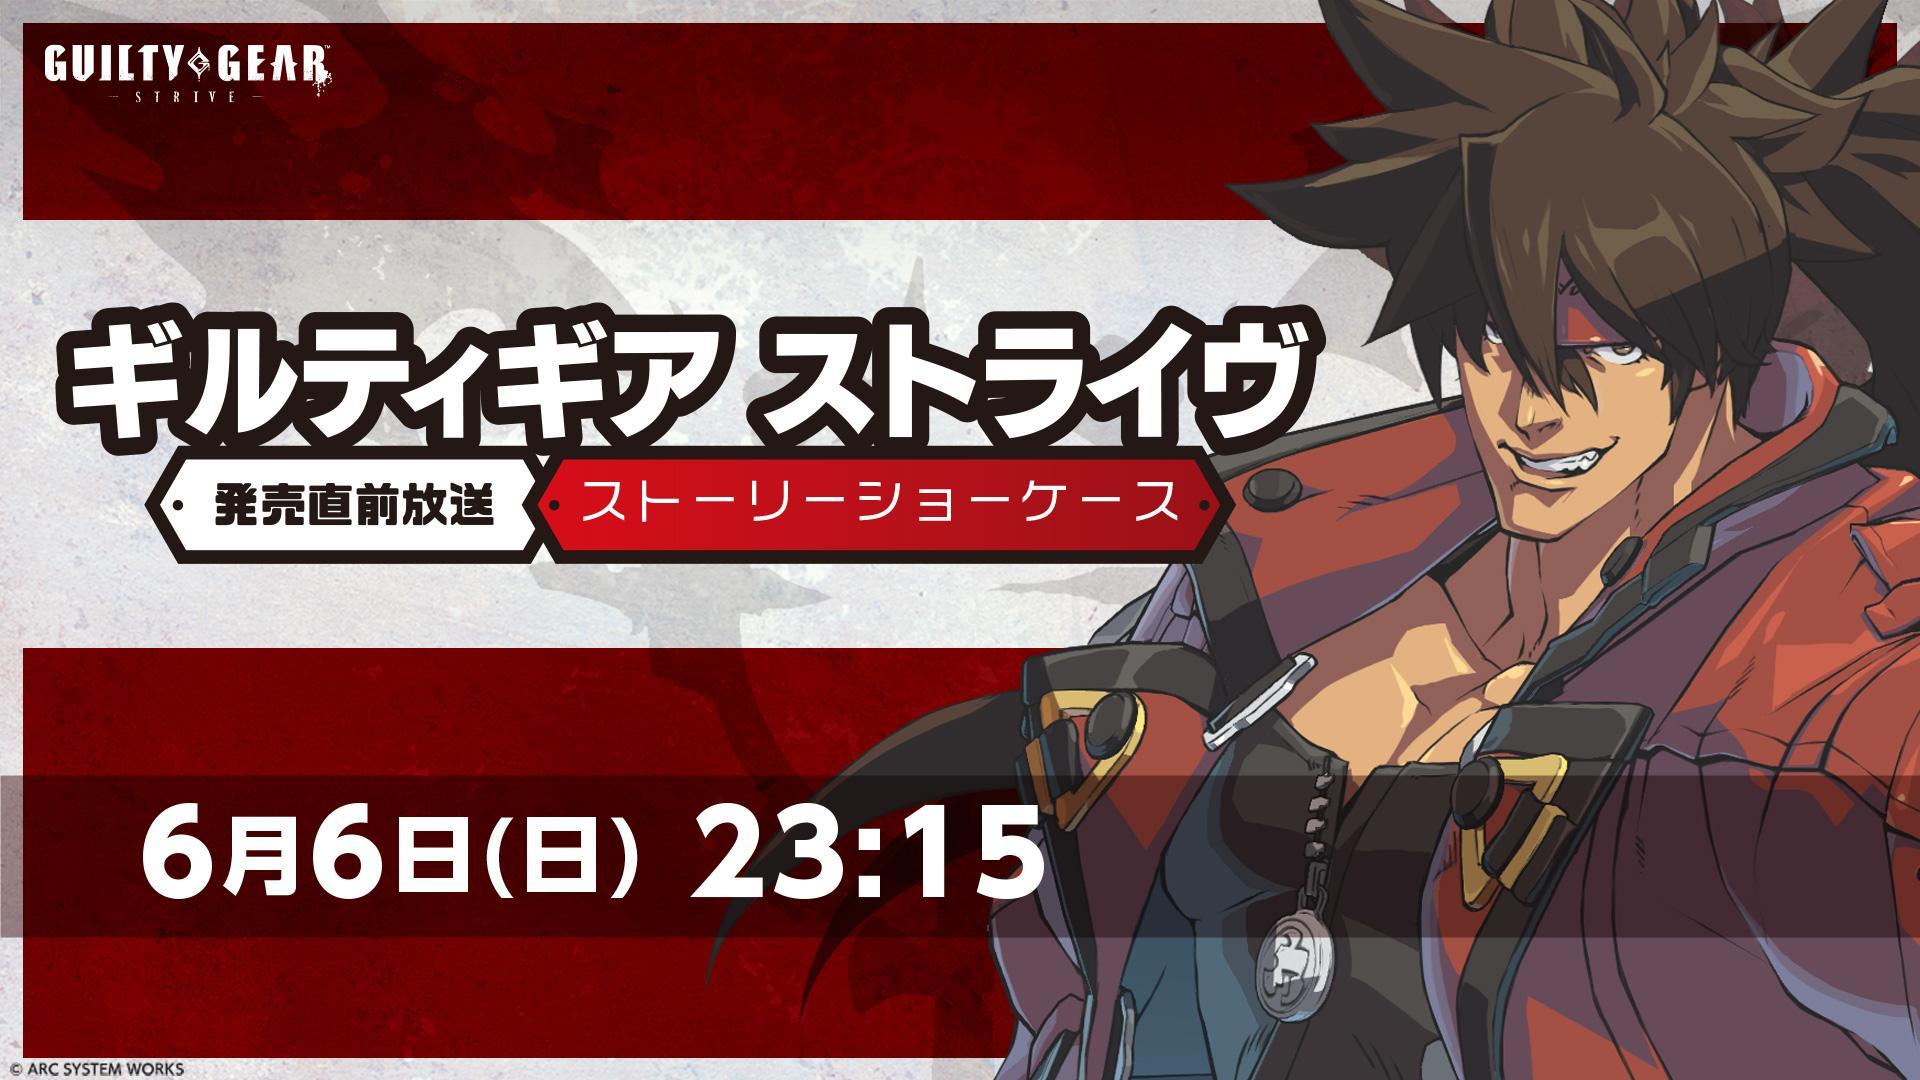 《罪恶装备:斗争》售前发布会6月6日晚举行 届时公开故事规划